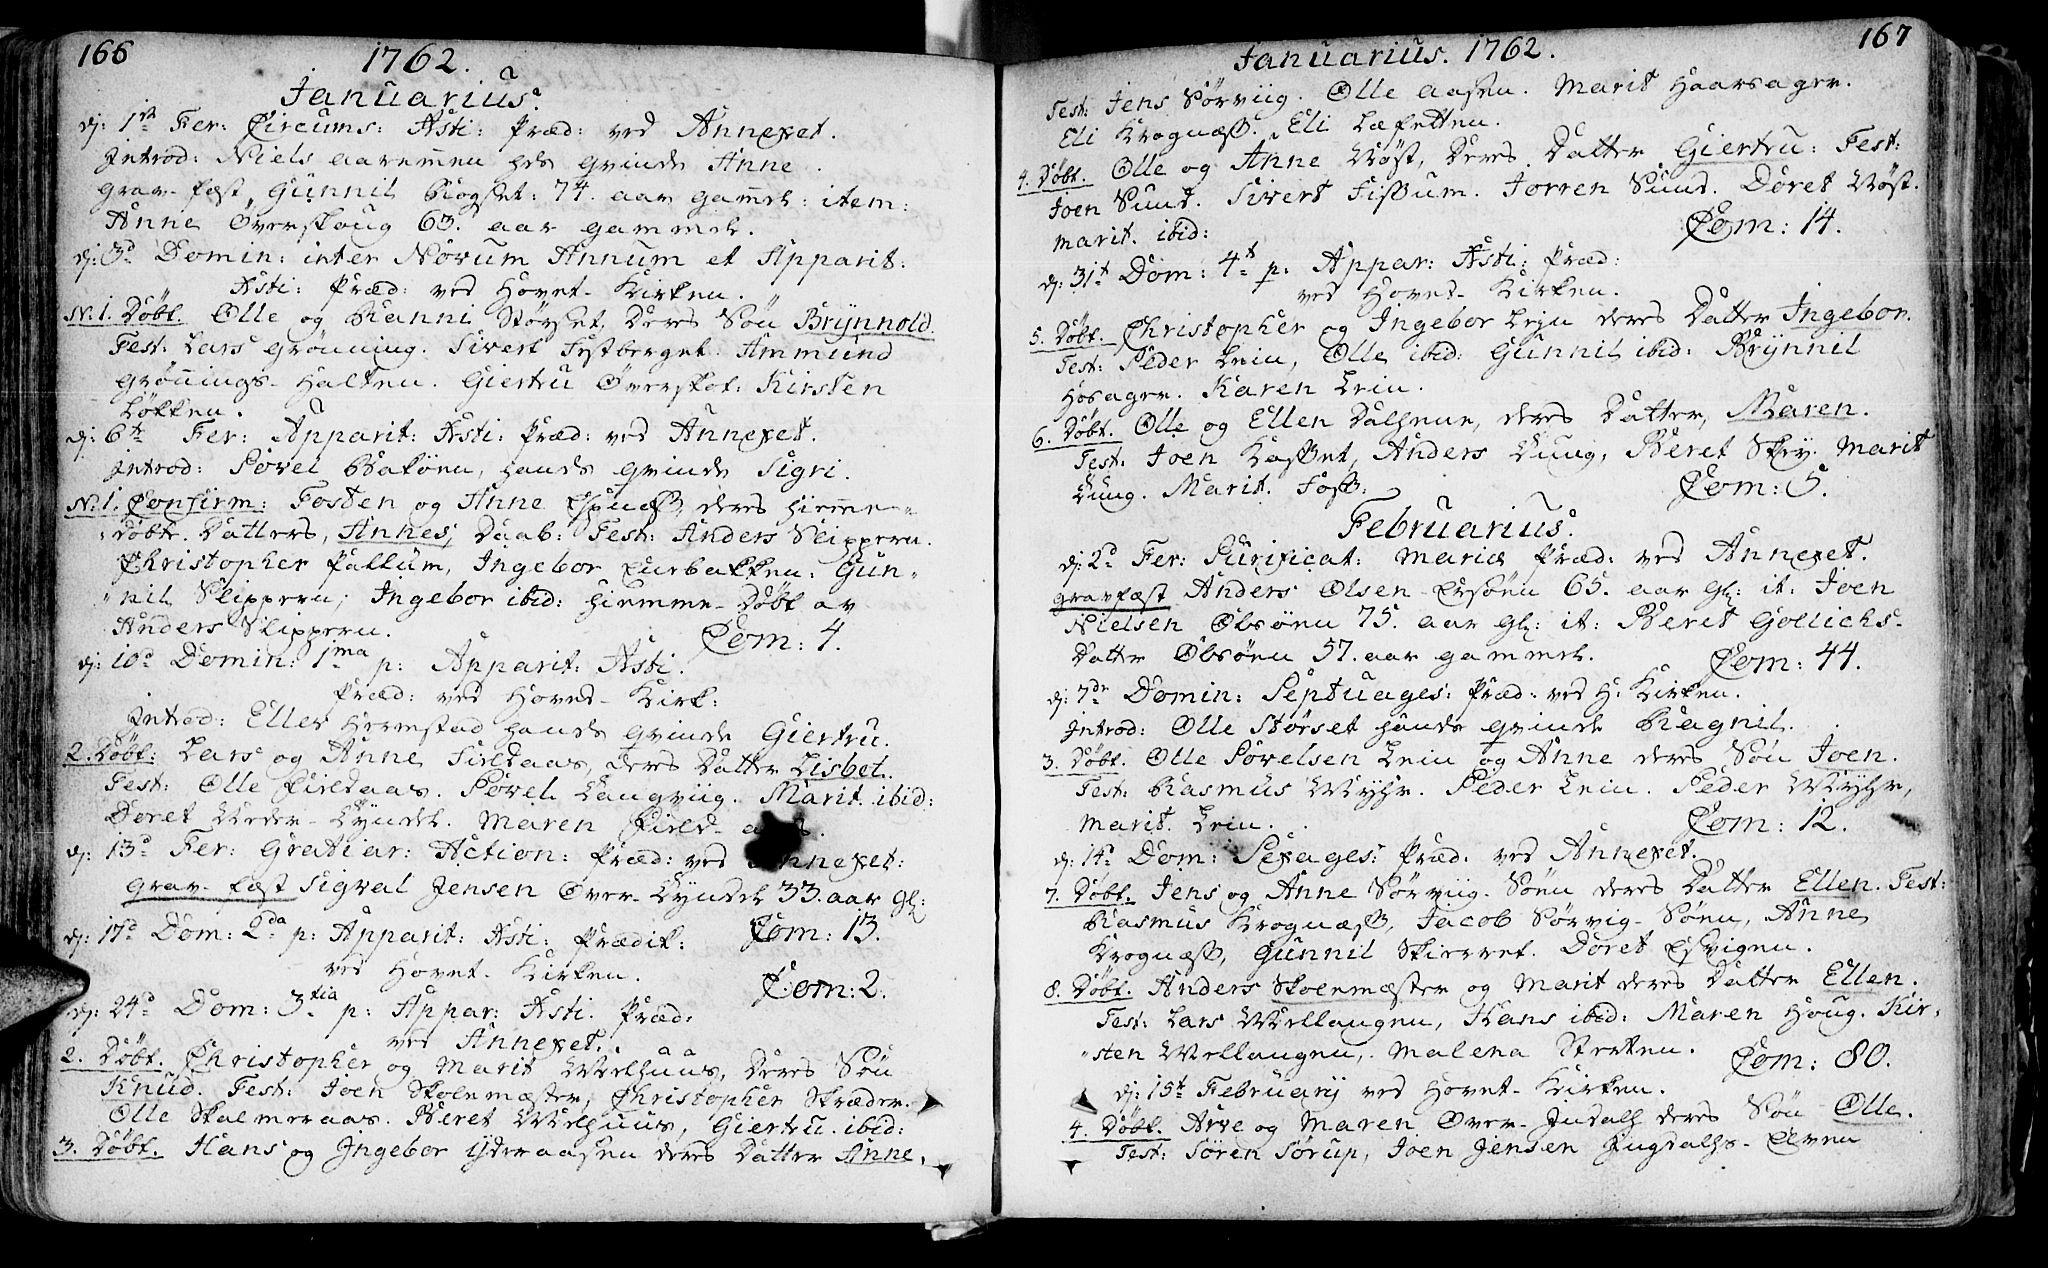 SAT, Ministerialprotokoller, klokkerbøker og fødselsregistre - Sør-Trøndelag, 646/L0605: Ministerialbok nr. 646A03, 1751-1790, s. 166-167